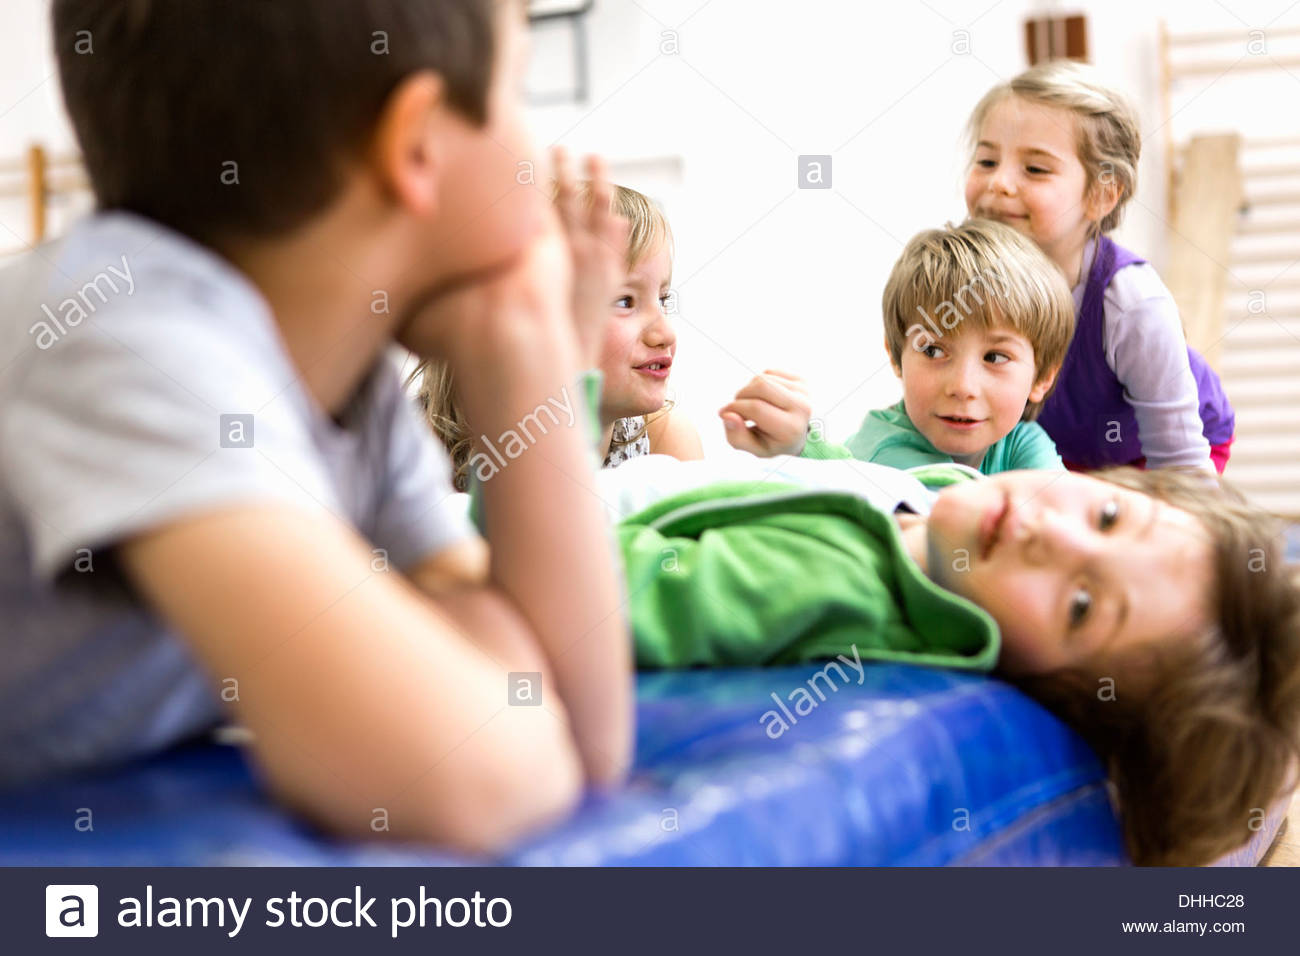 Bambini seduti e giacenti su tappetini di esercizio Immagini Stock